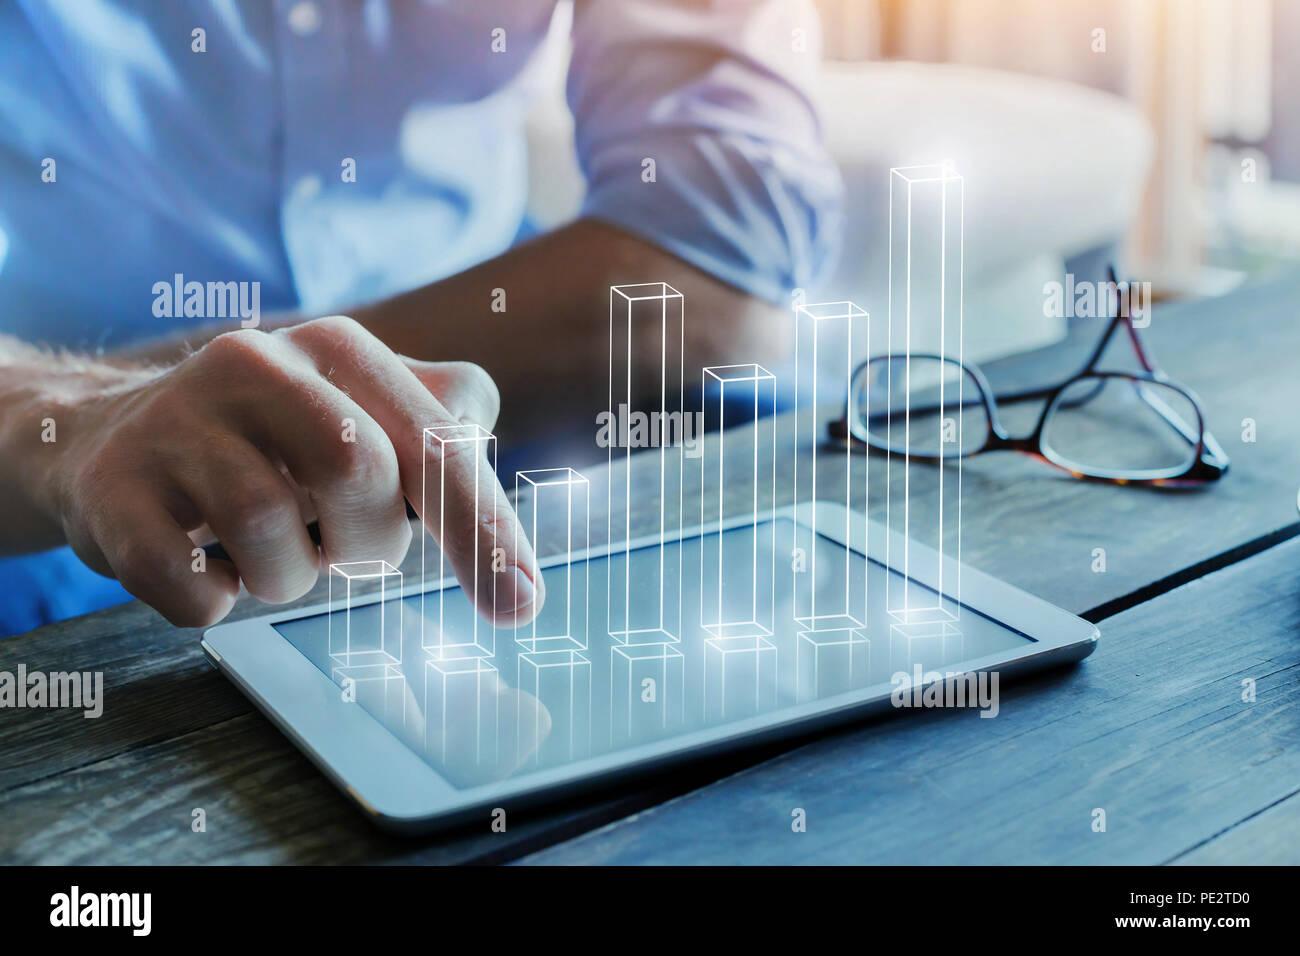 Business intelligence concetto, analisi finanziaria con 3d grafico a colonna Immagini Stock